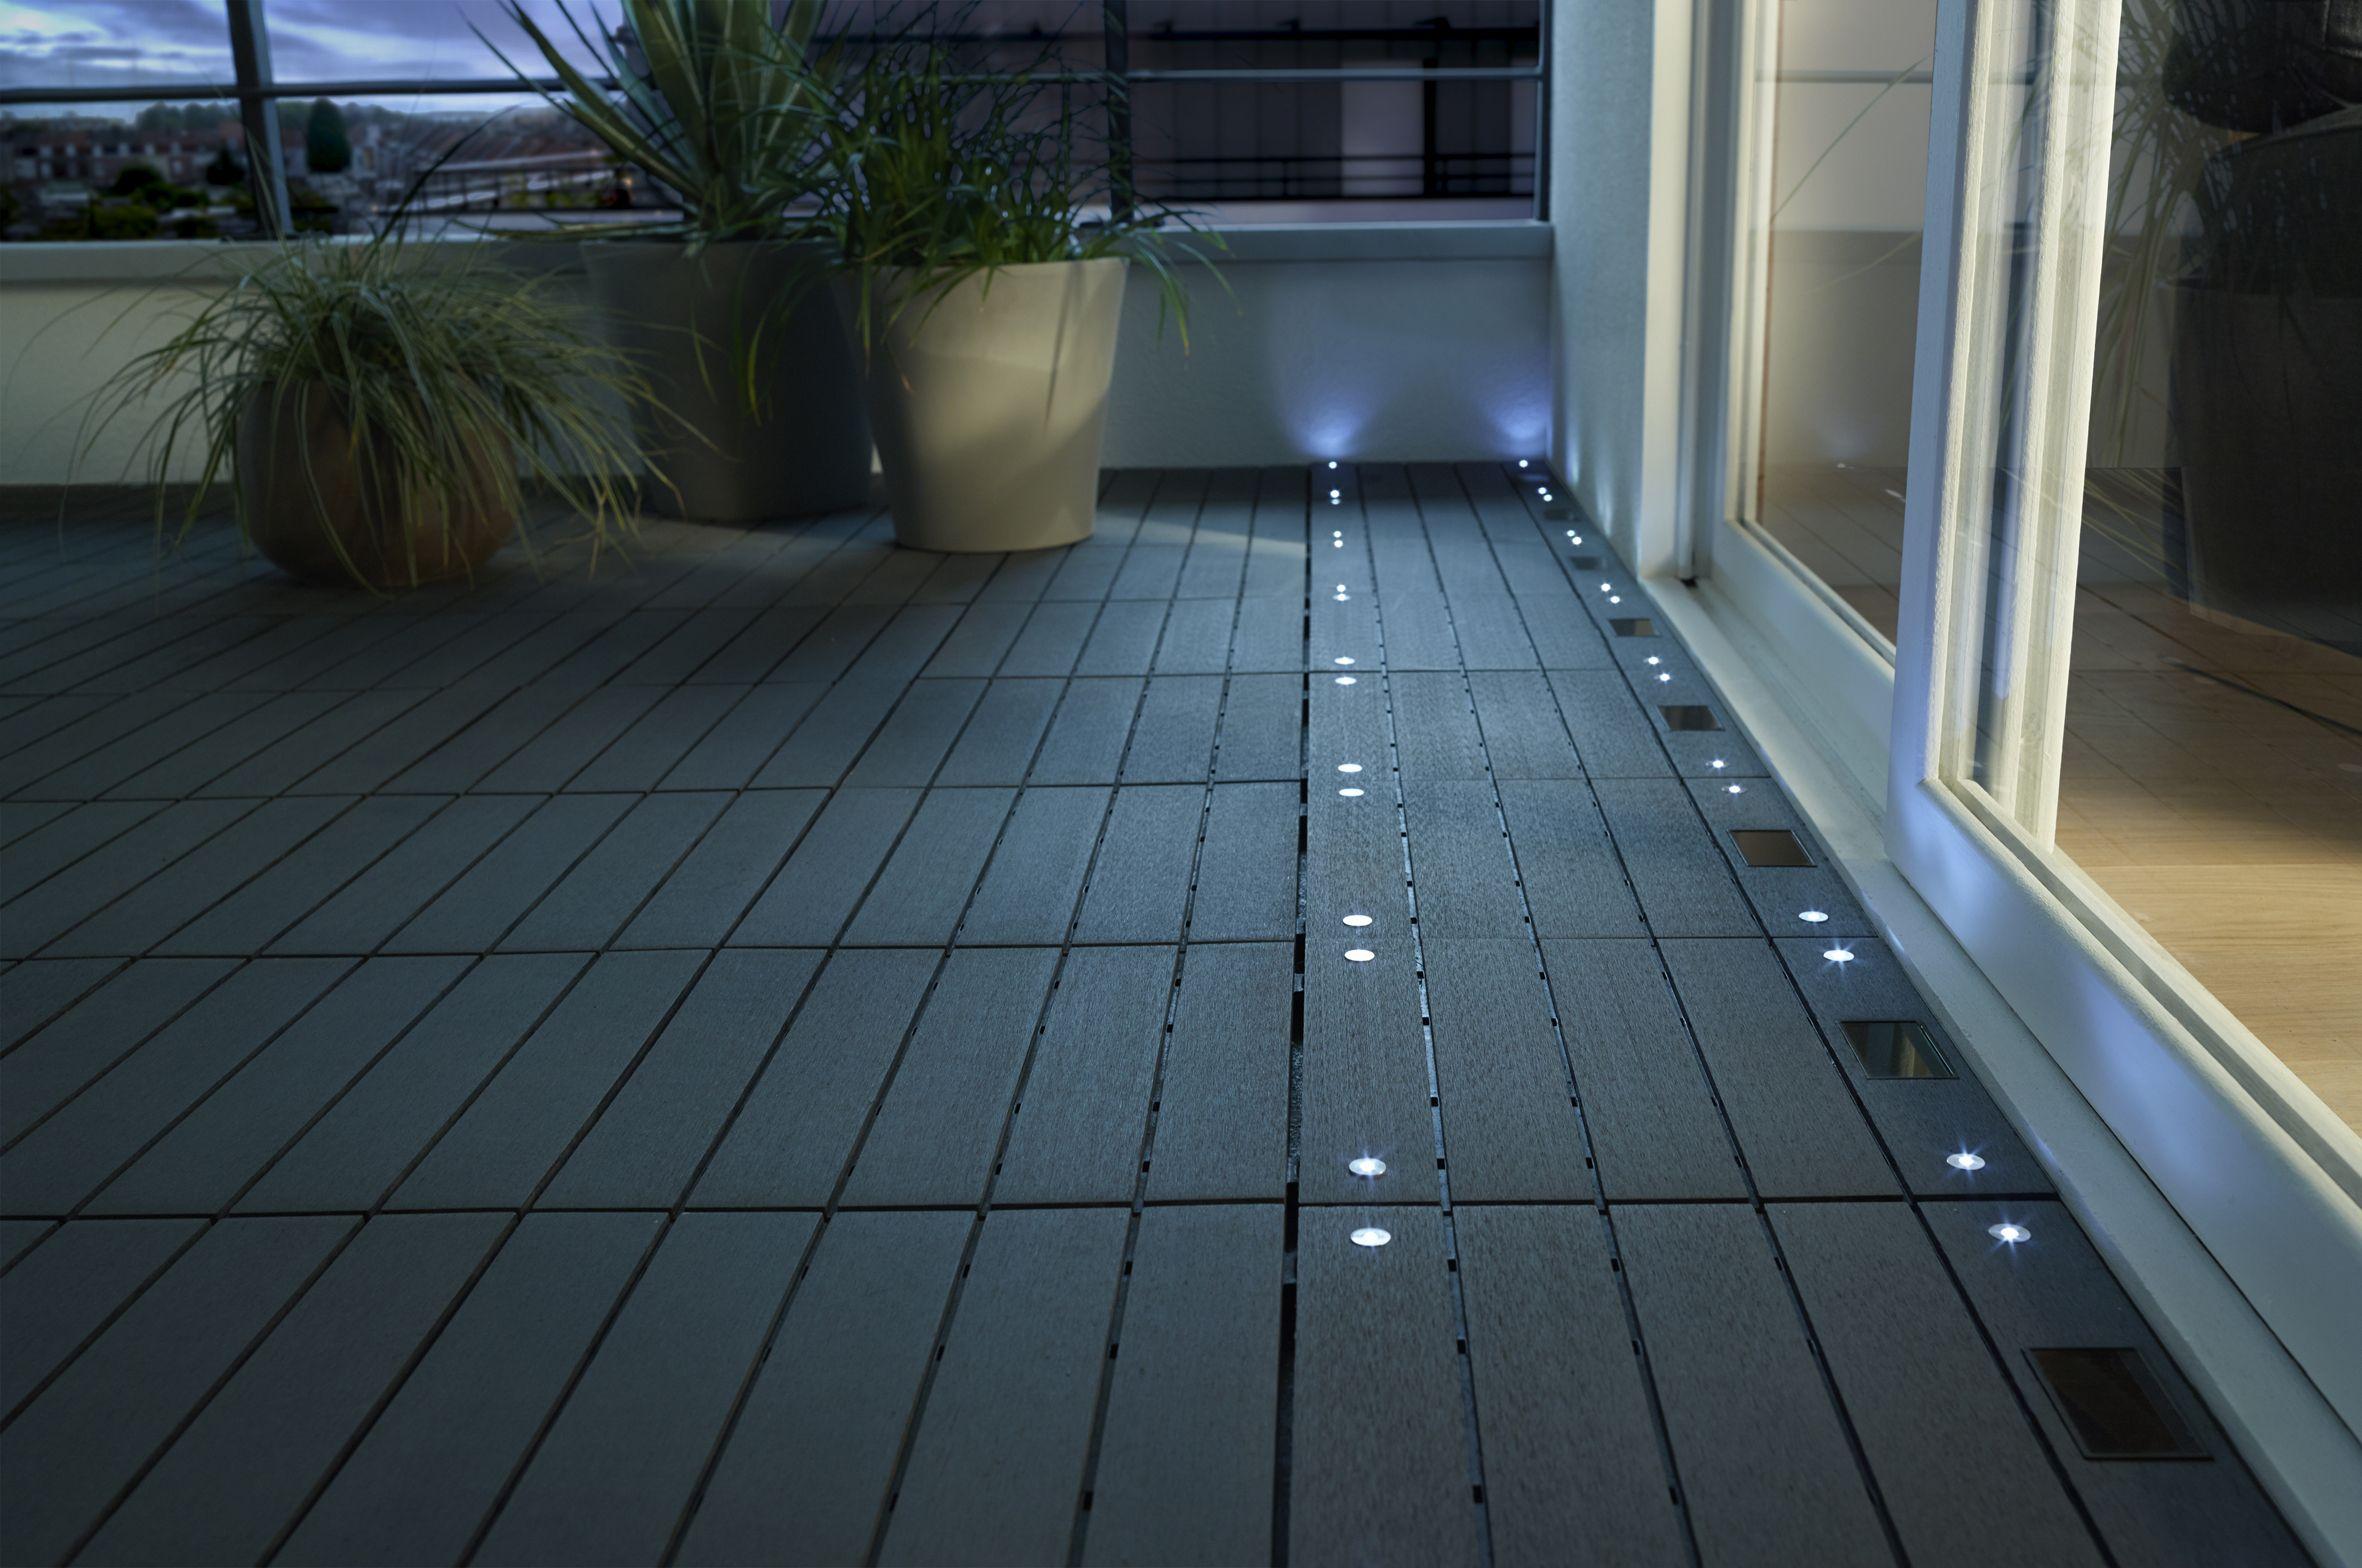 La Dalle Blooma Emboitable En Composite Avec LED Habille Le Sol De Votre  Terrasse Avec Classe